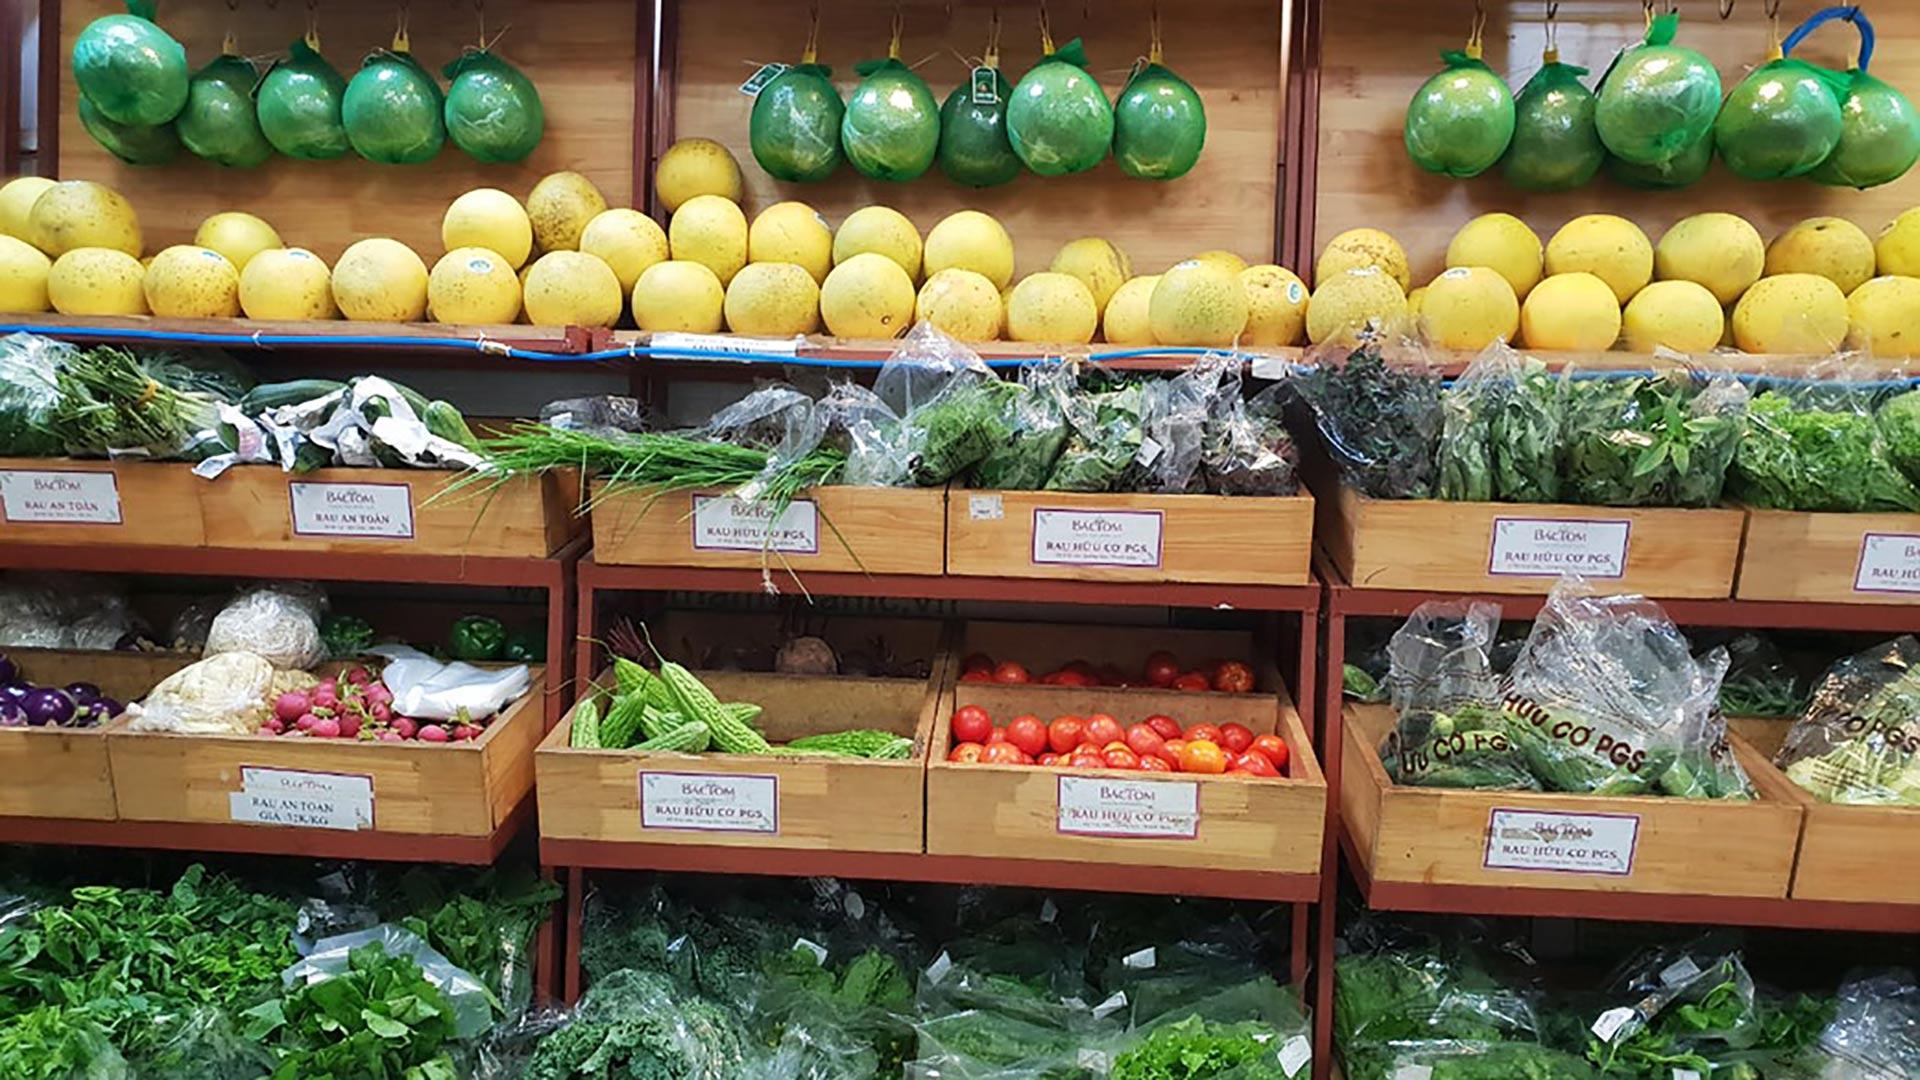 Đi chợ thông minh: Cập nhật cho chị em thực đơn siêu giảm giá tại các cửa hàng thực phẩm sạch, mức giảm tới 50% từ rau củ quả tới sản phẩm tươi sống - Ảnh 6.